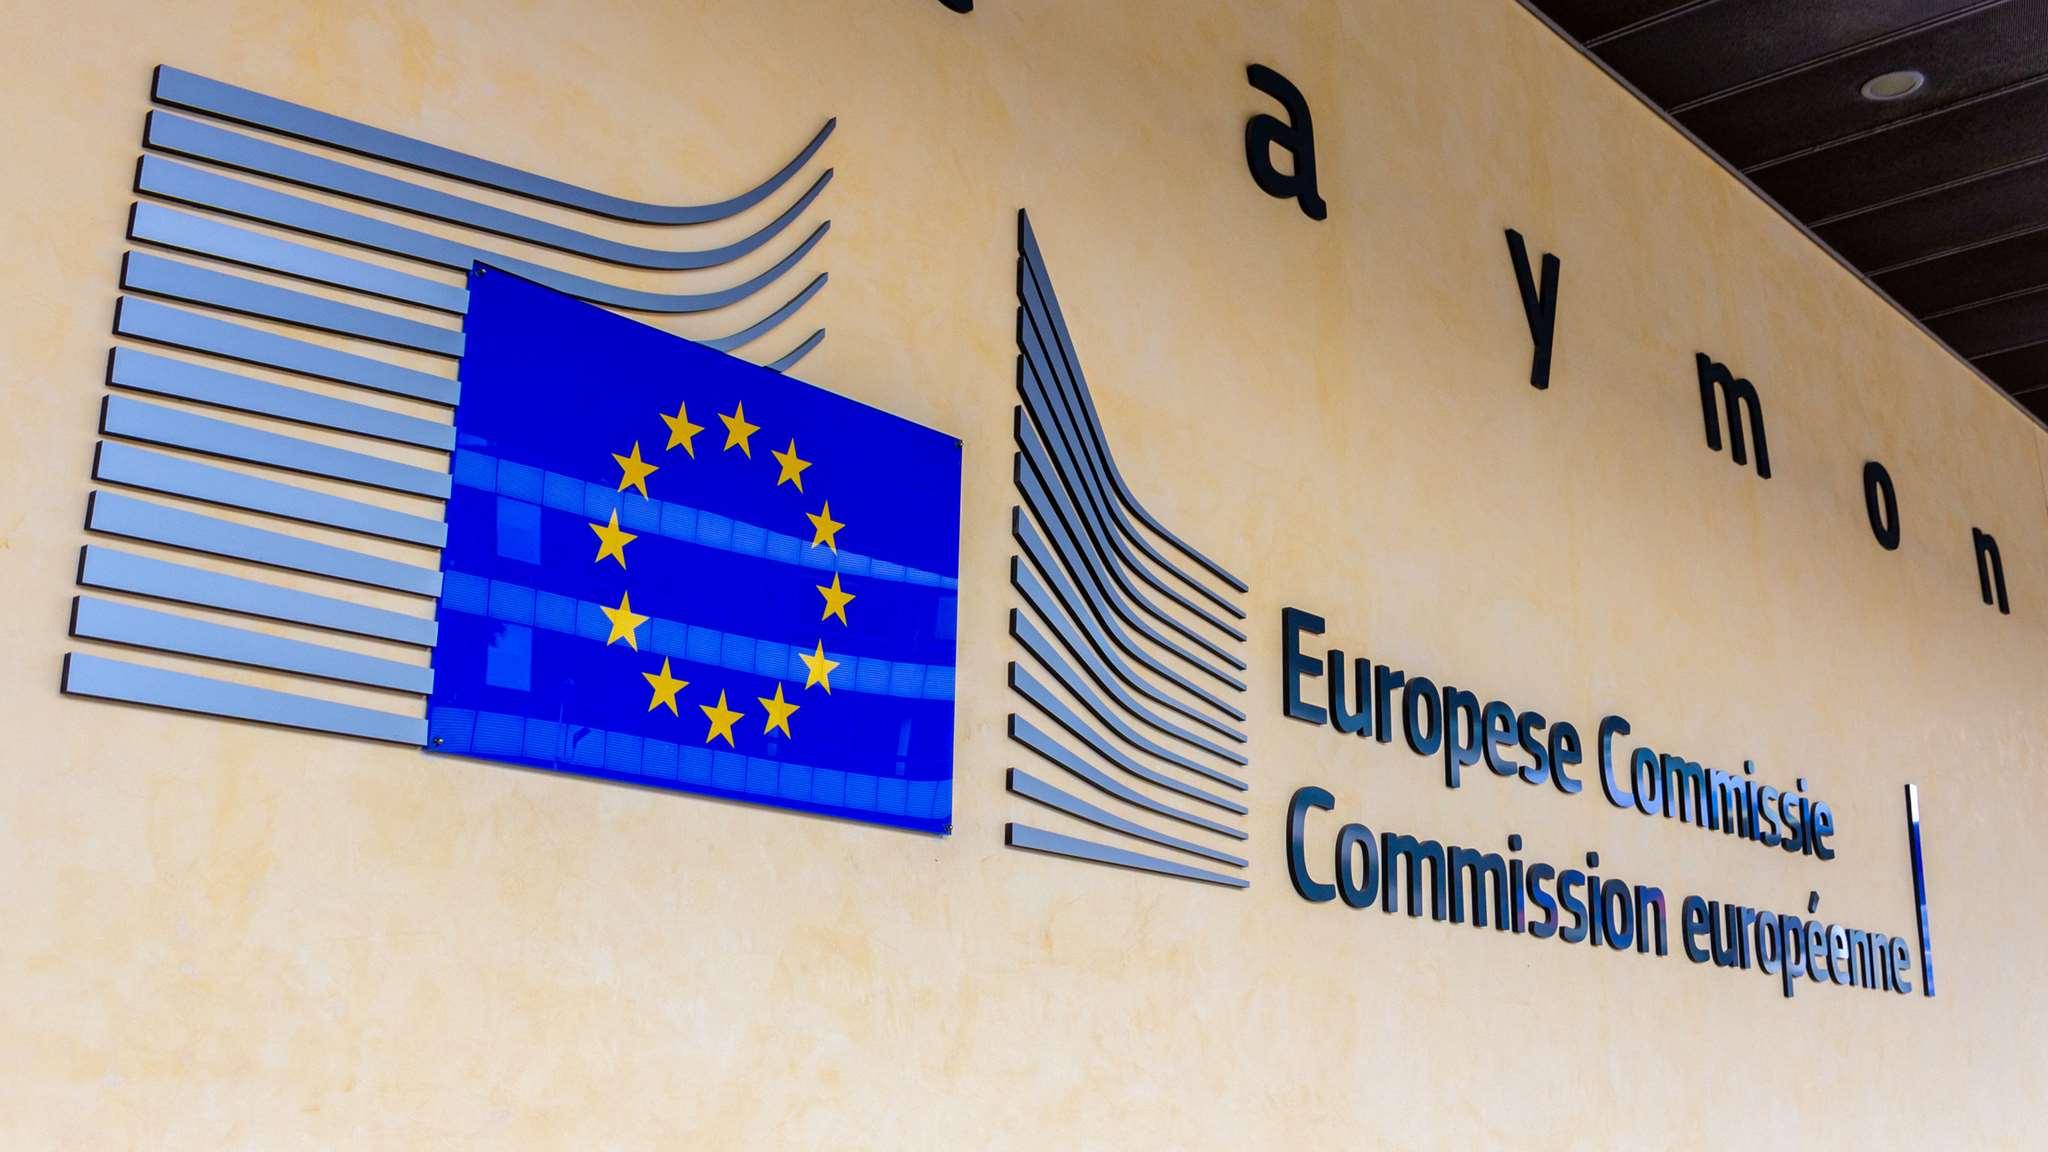 Κομισιόν: Ενέκρινε ελληνικό πρόγραμμα 8 εκατ. ευρώ – Στήριξη στον κλάδο του κινηματογράφου